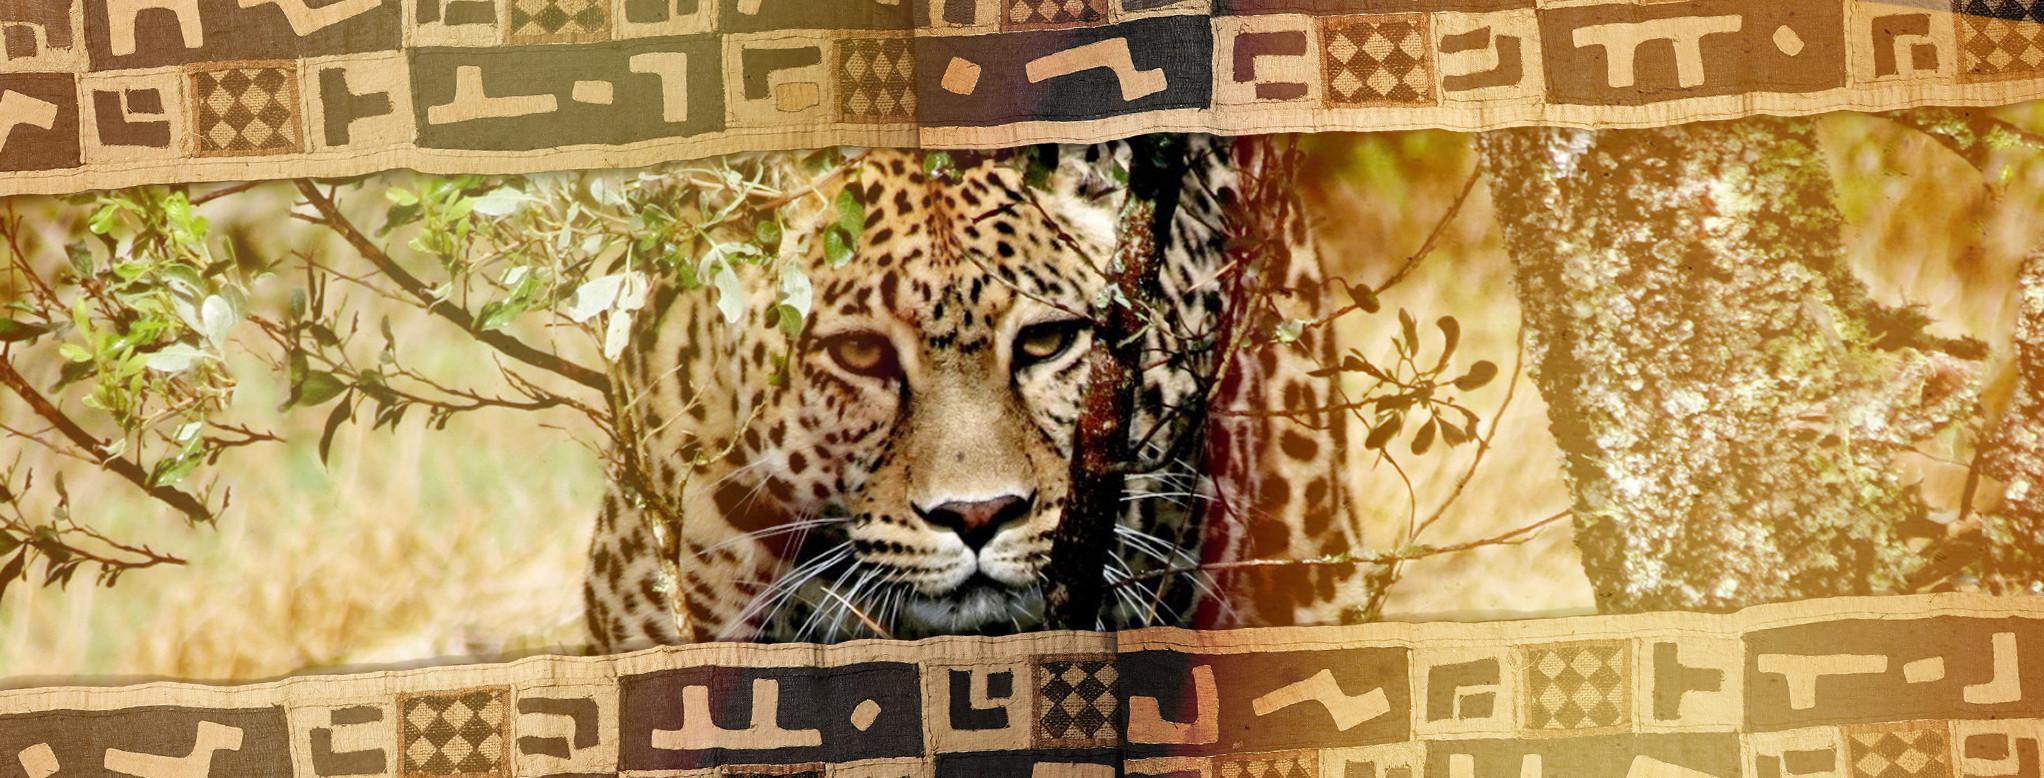 Wildlife banner